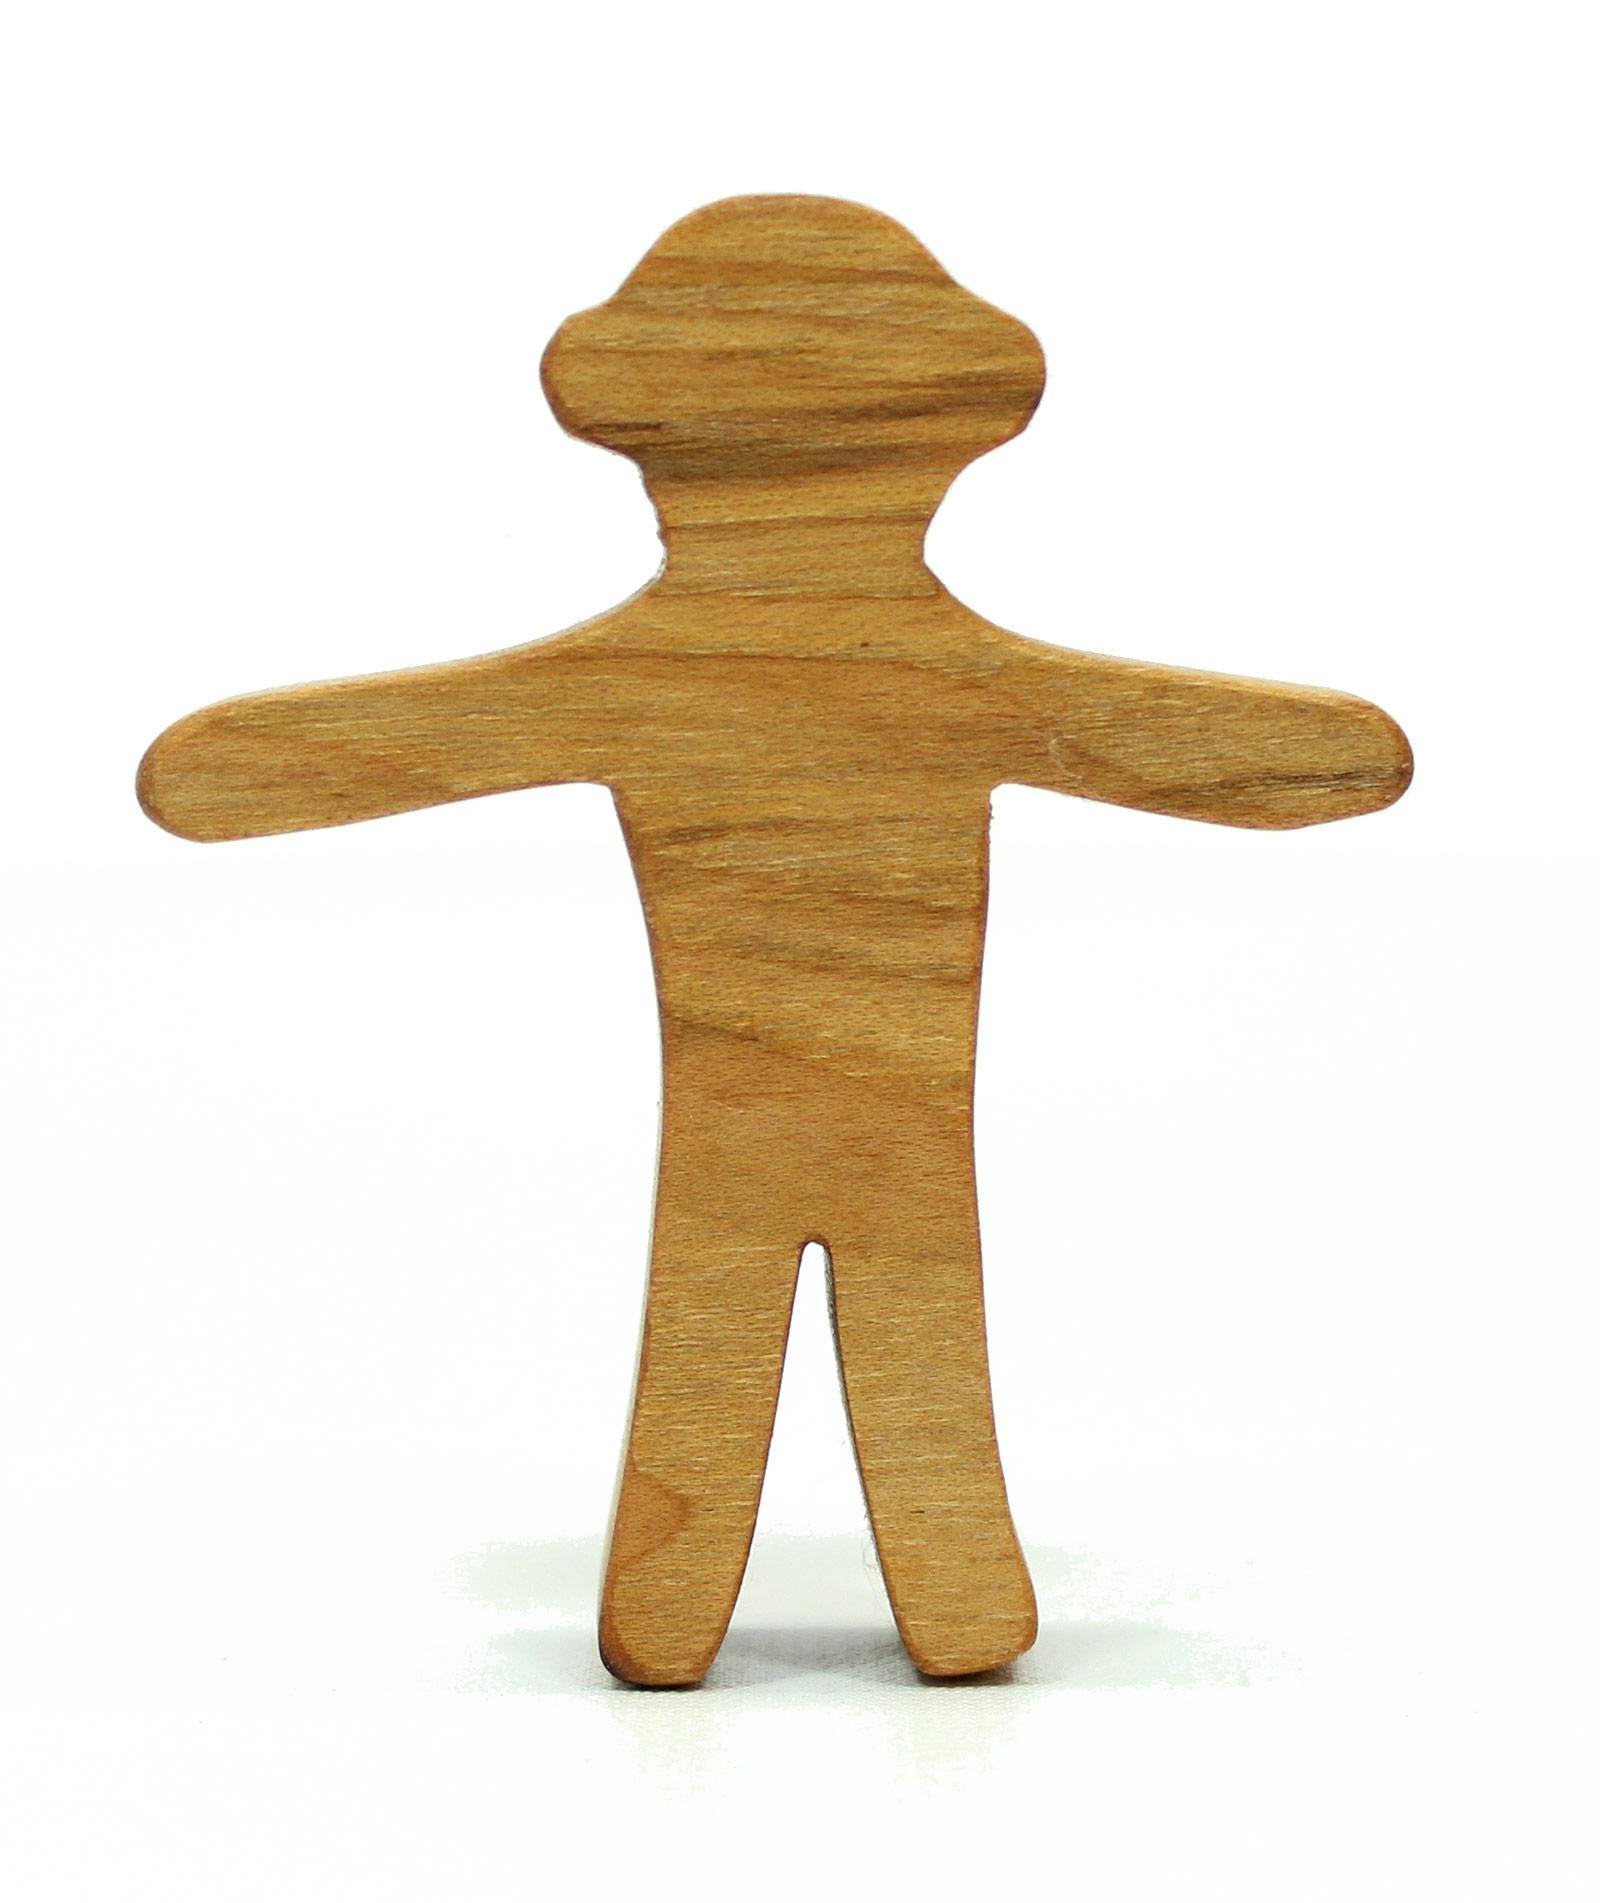 Wooden Sock Monkey Toy